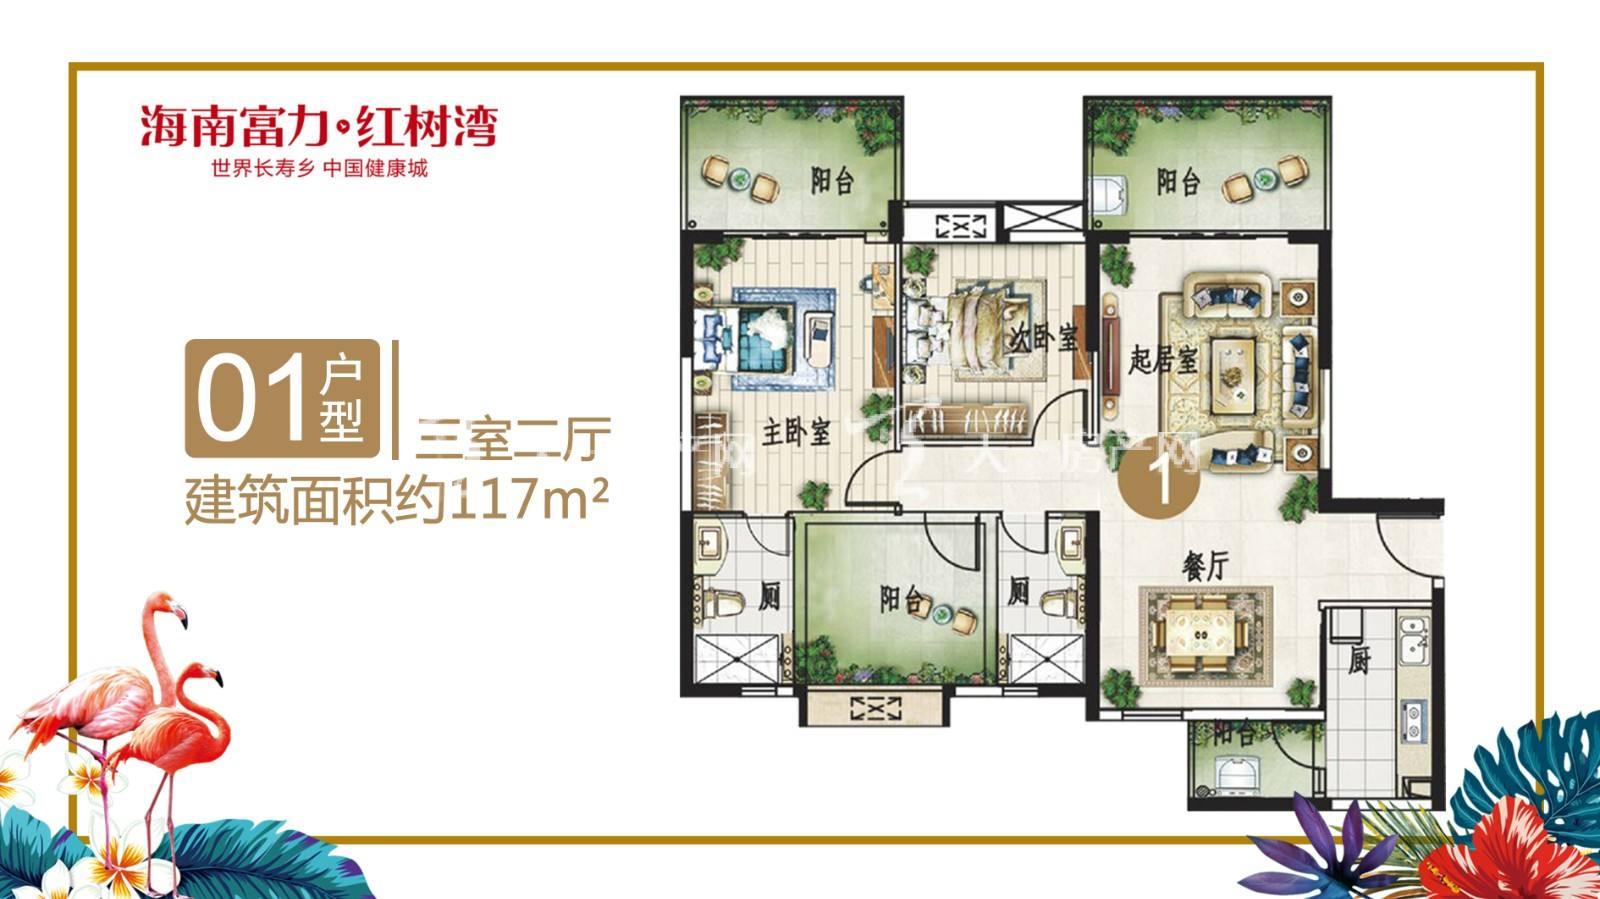 富力红树湾01户型三室两厅建筑面积117㎡